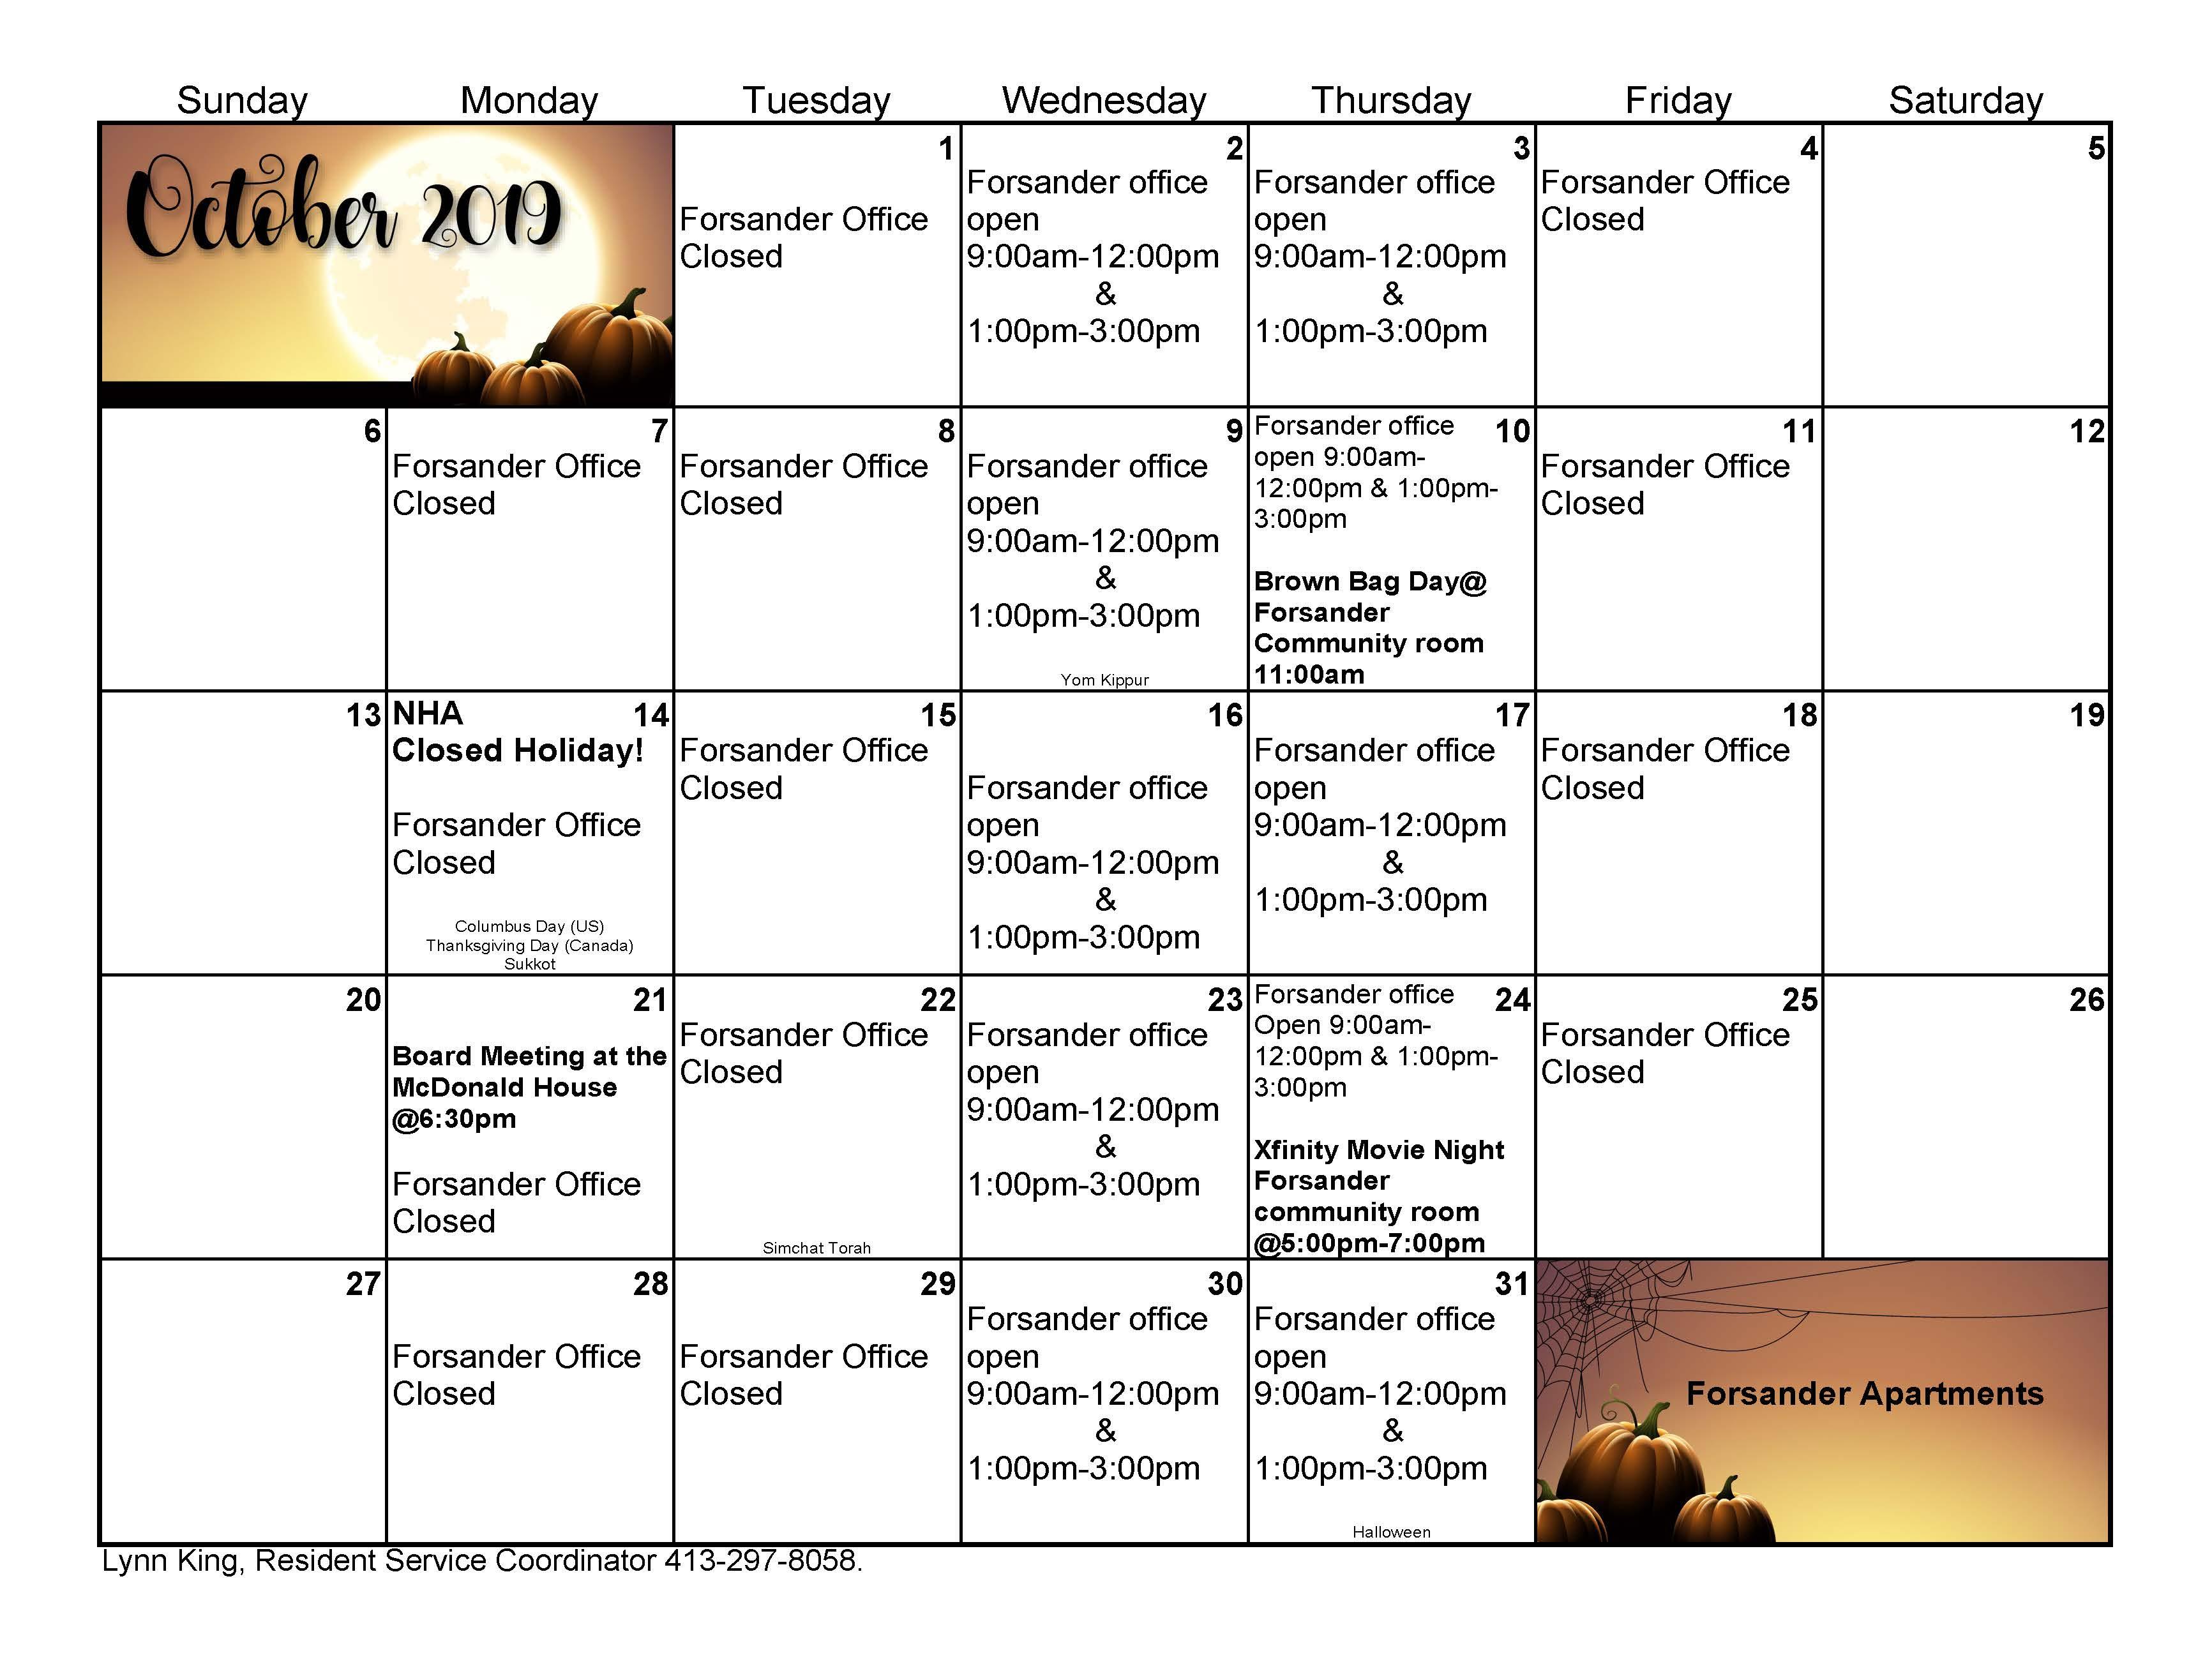 october calendar for forsander